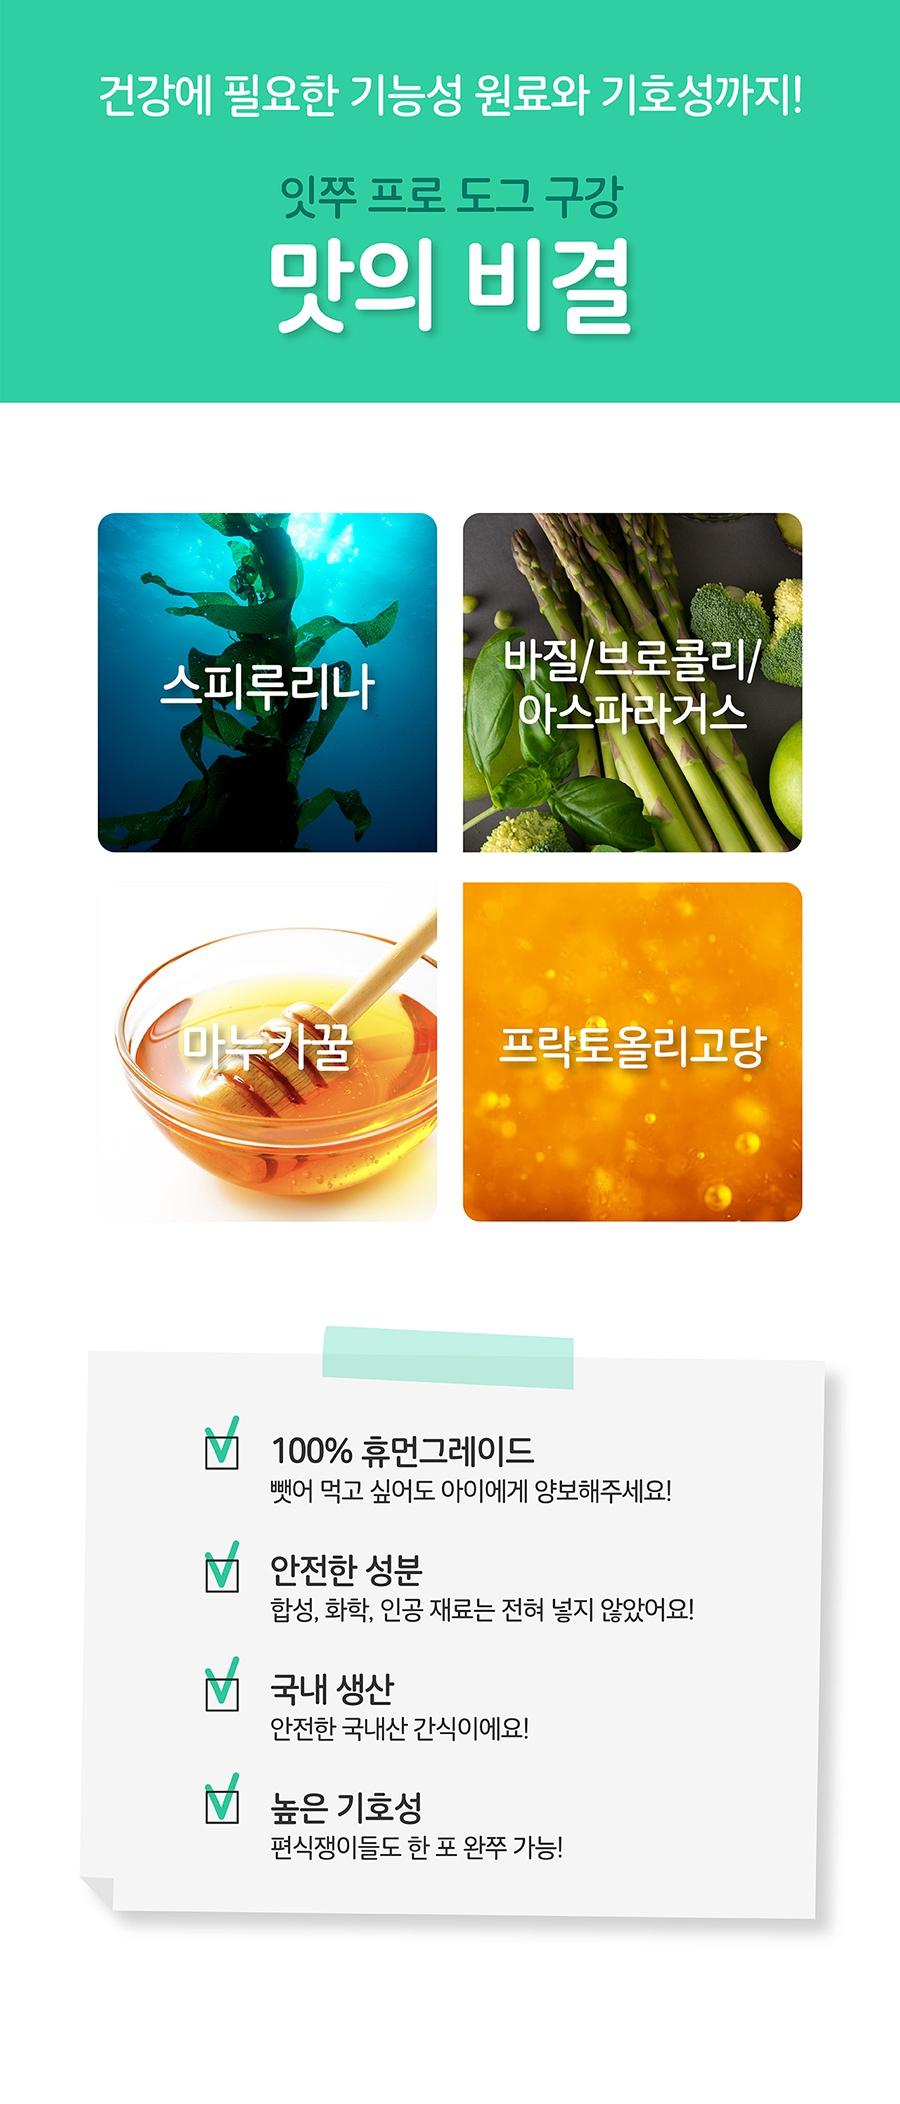 It 잇쭈 프로 도그 3종 (구강/비만/면역)-상품이미지-4